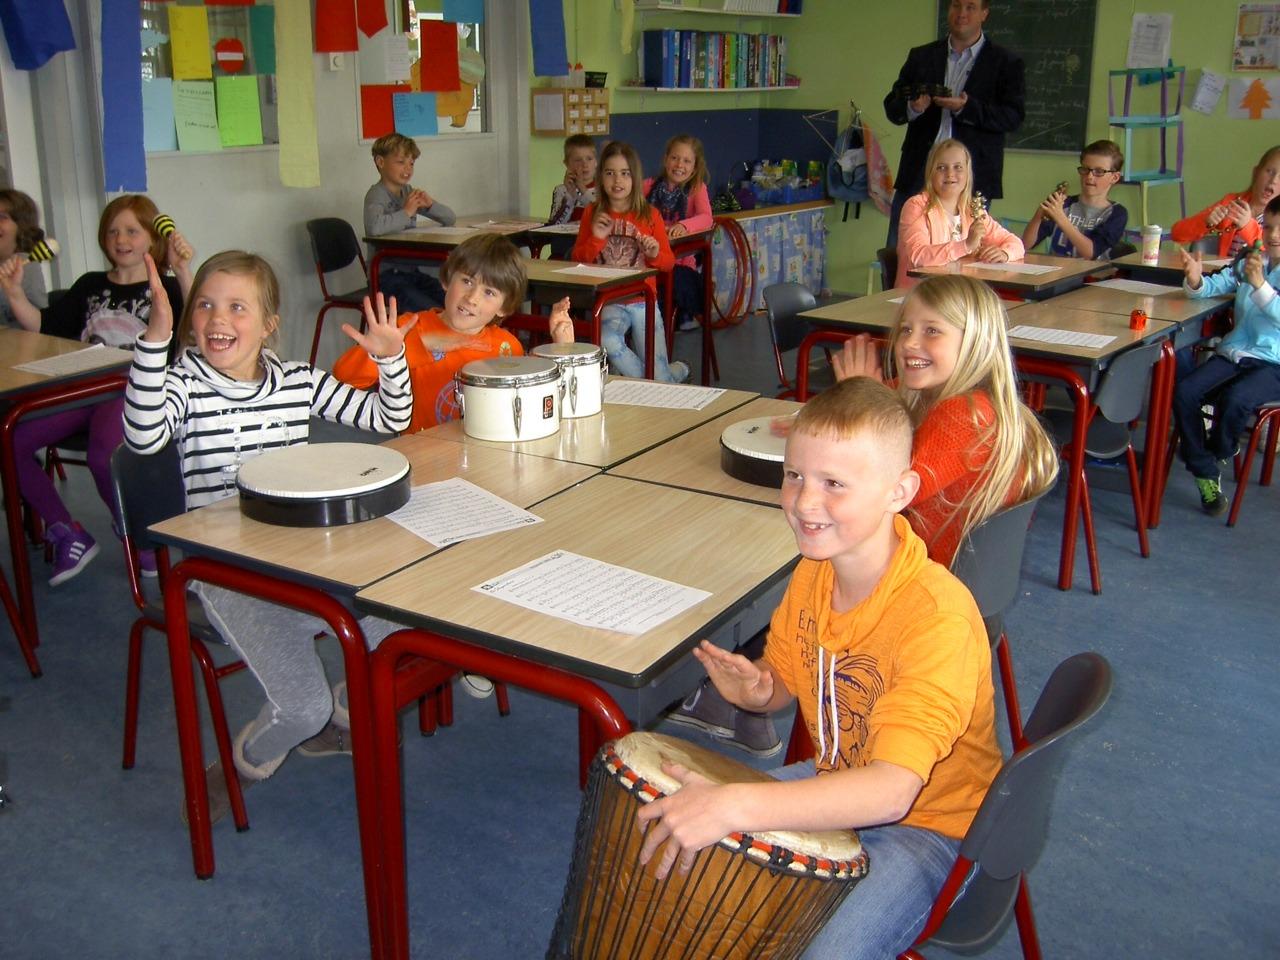 Muziekles op de basisschool van basisschoolmuziek.nl